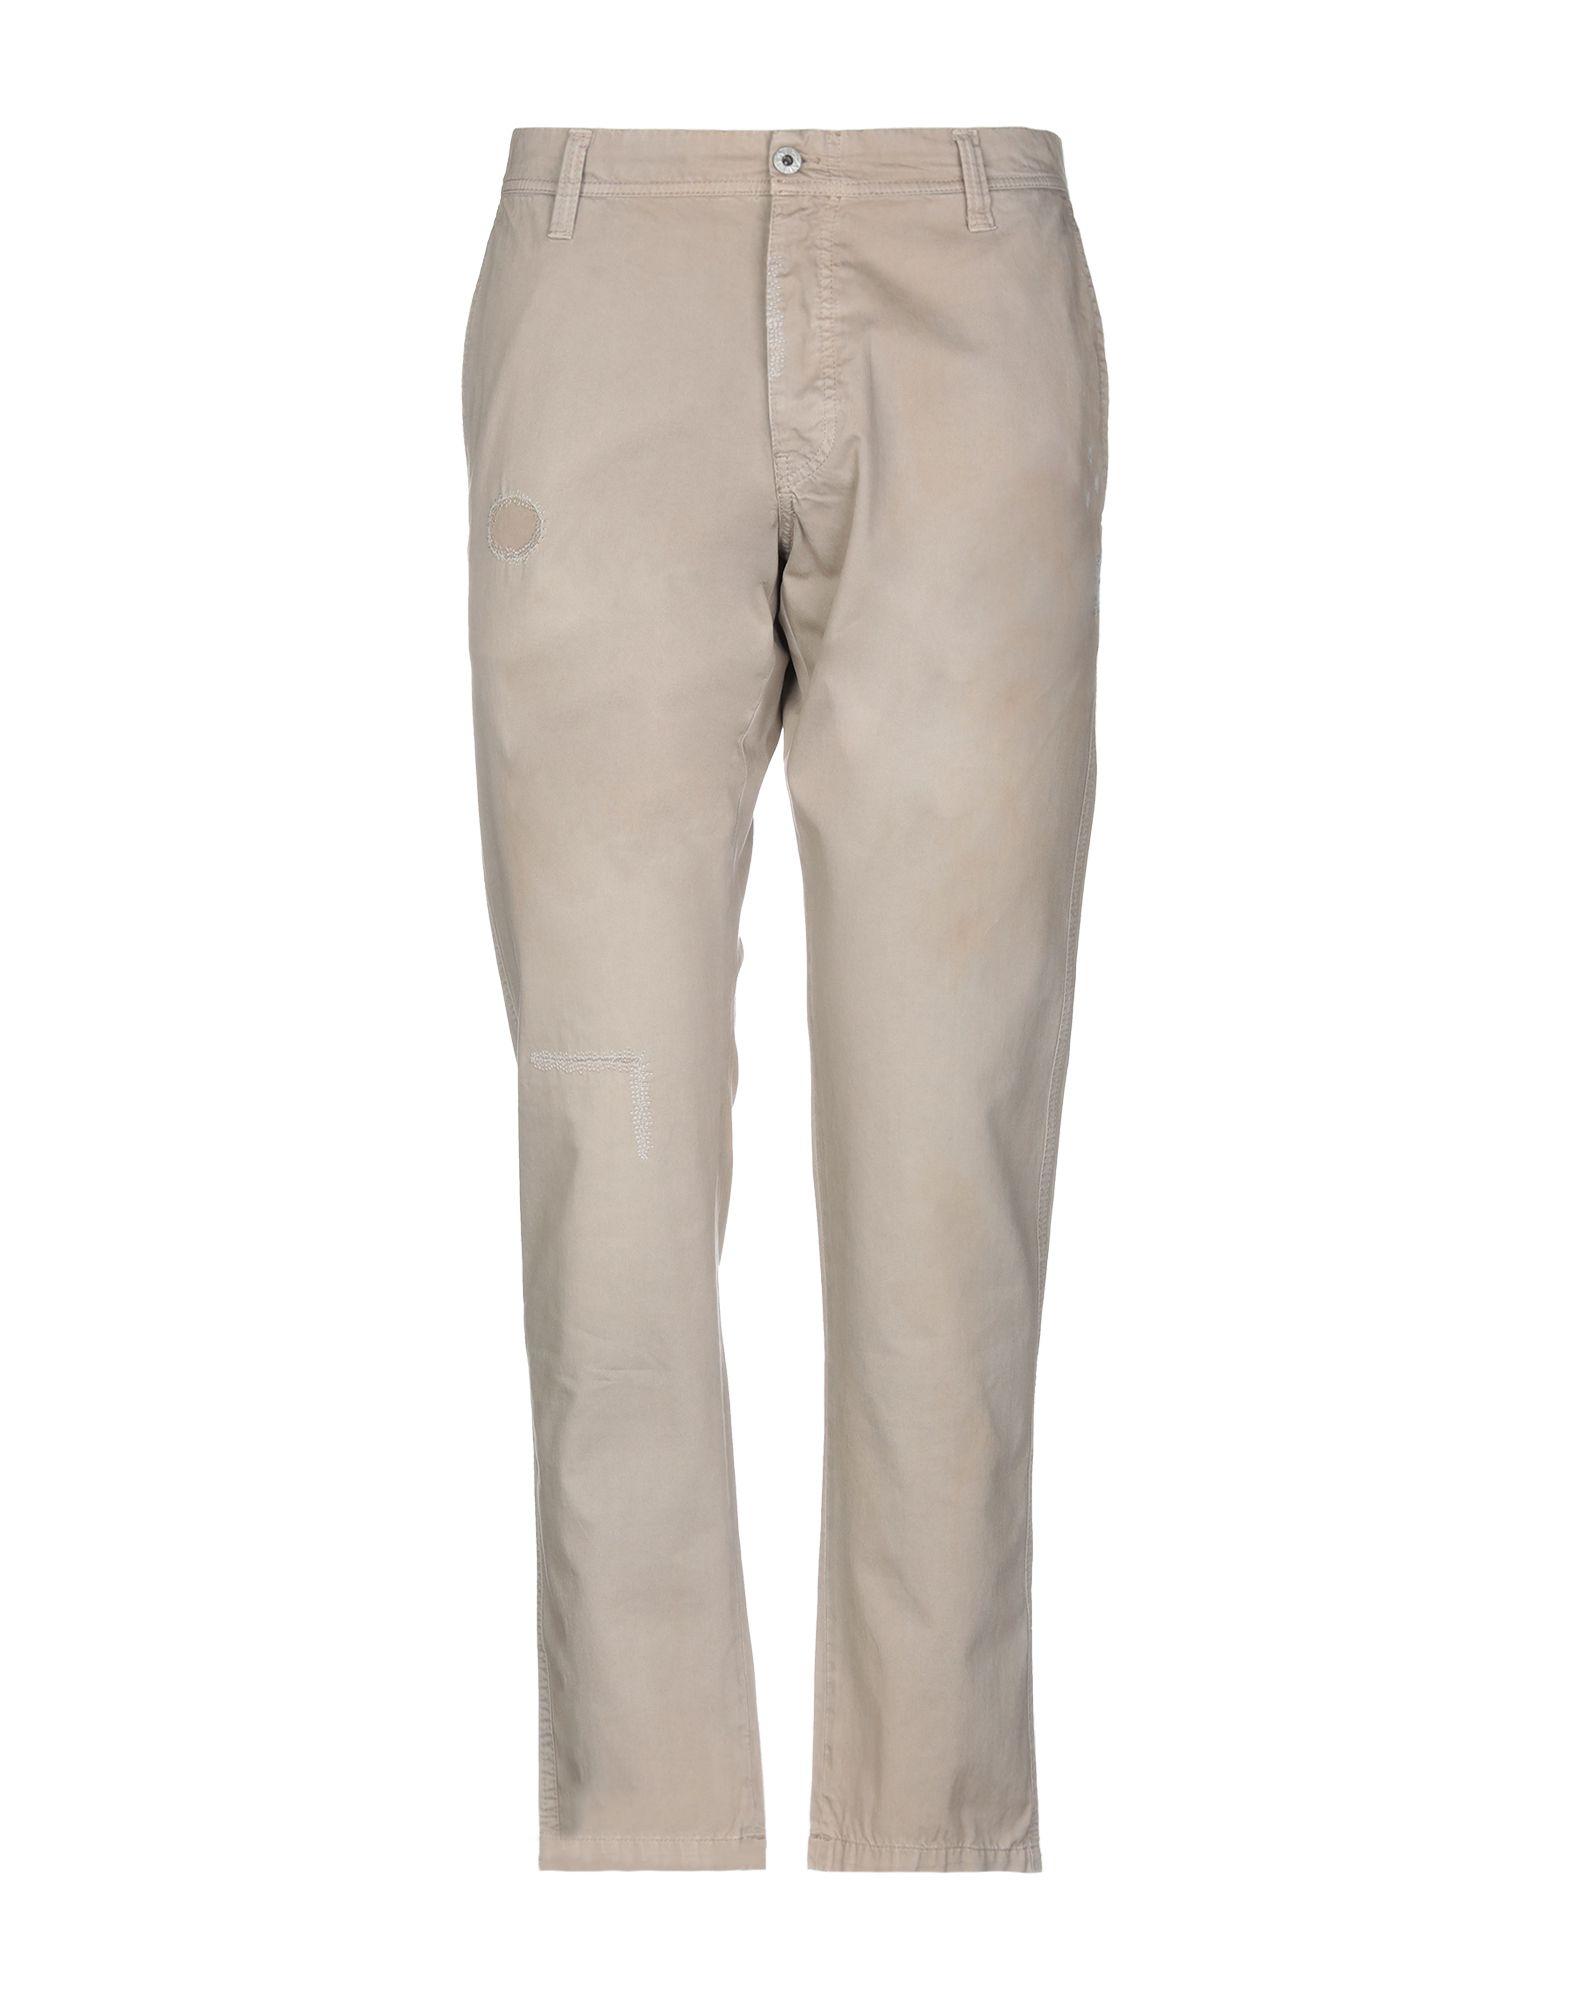 《送料無料》BRIAN DALES メンズ パンツ ベージュ 31 コットン 100%